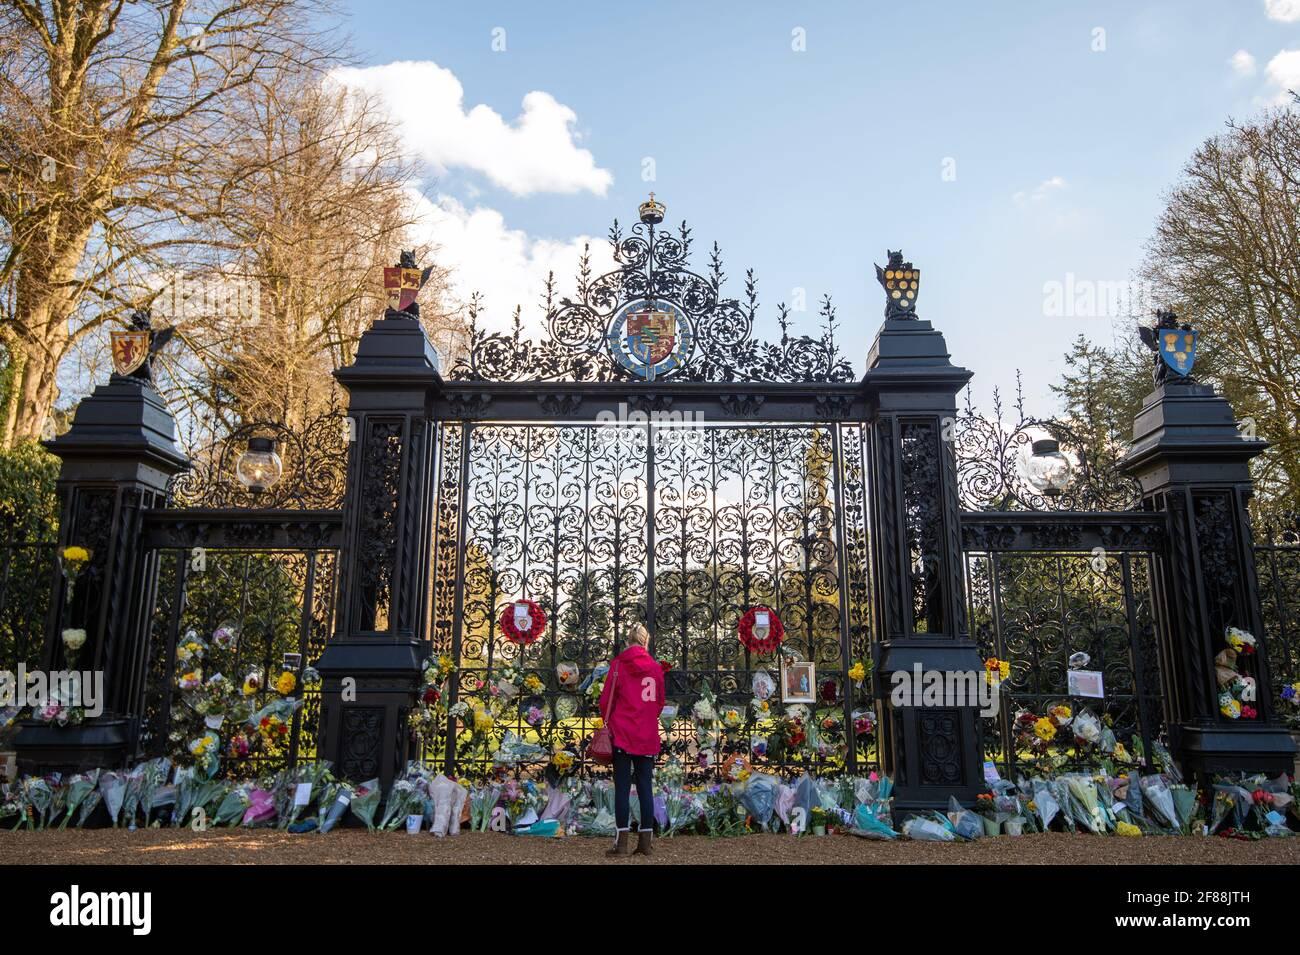 Nach der Ankündigung des Todes des Herzogs von Edinburgh im Alter von 99 Jahren am Freitag, dem 9. April, zollt eine Frau vor den Toren des Sandringham House in Norfolk ihren Respekt. Bilddatum: Montag, 12. April 2021. Stockfoto